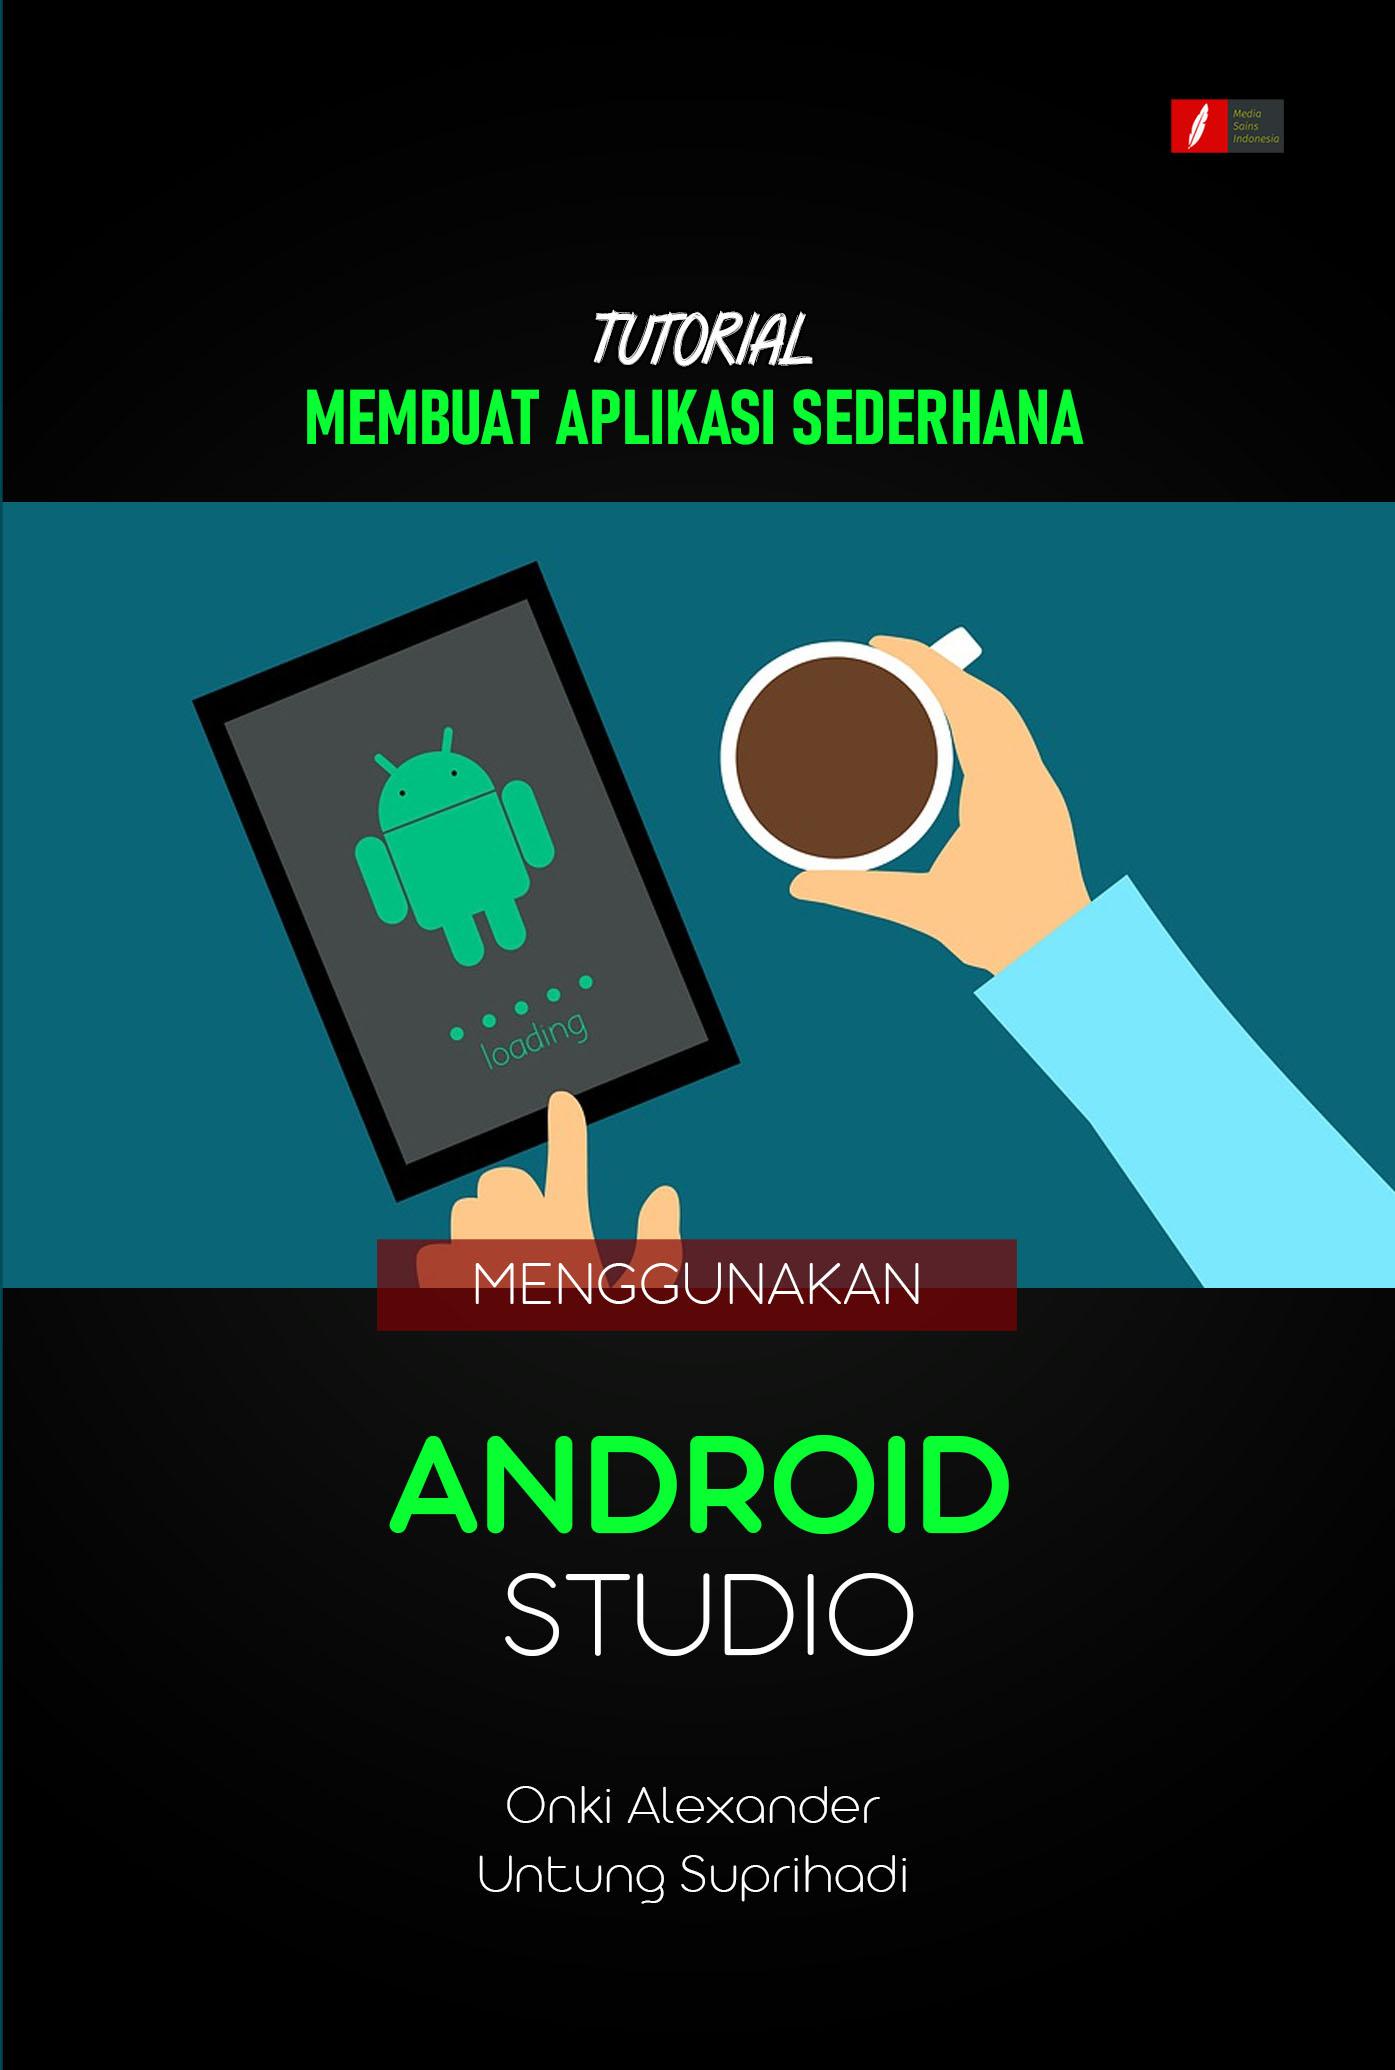 Tutorial membuat aplikasi sederhana menggunakan Android Studio [sumber elektronis]